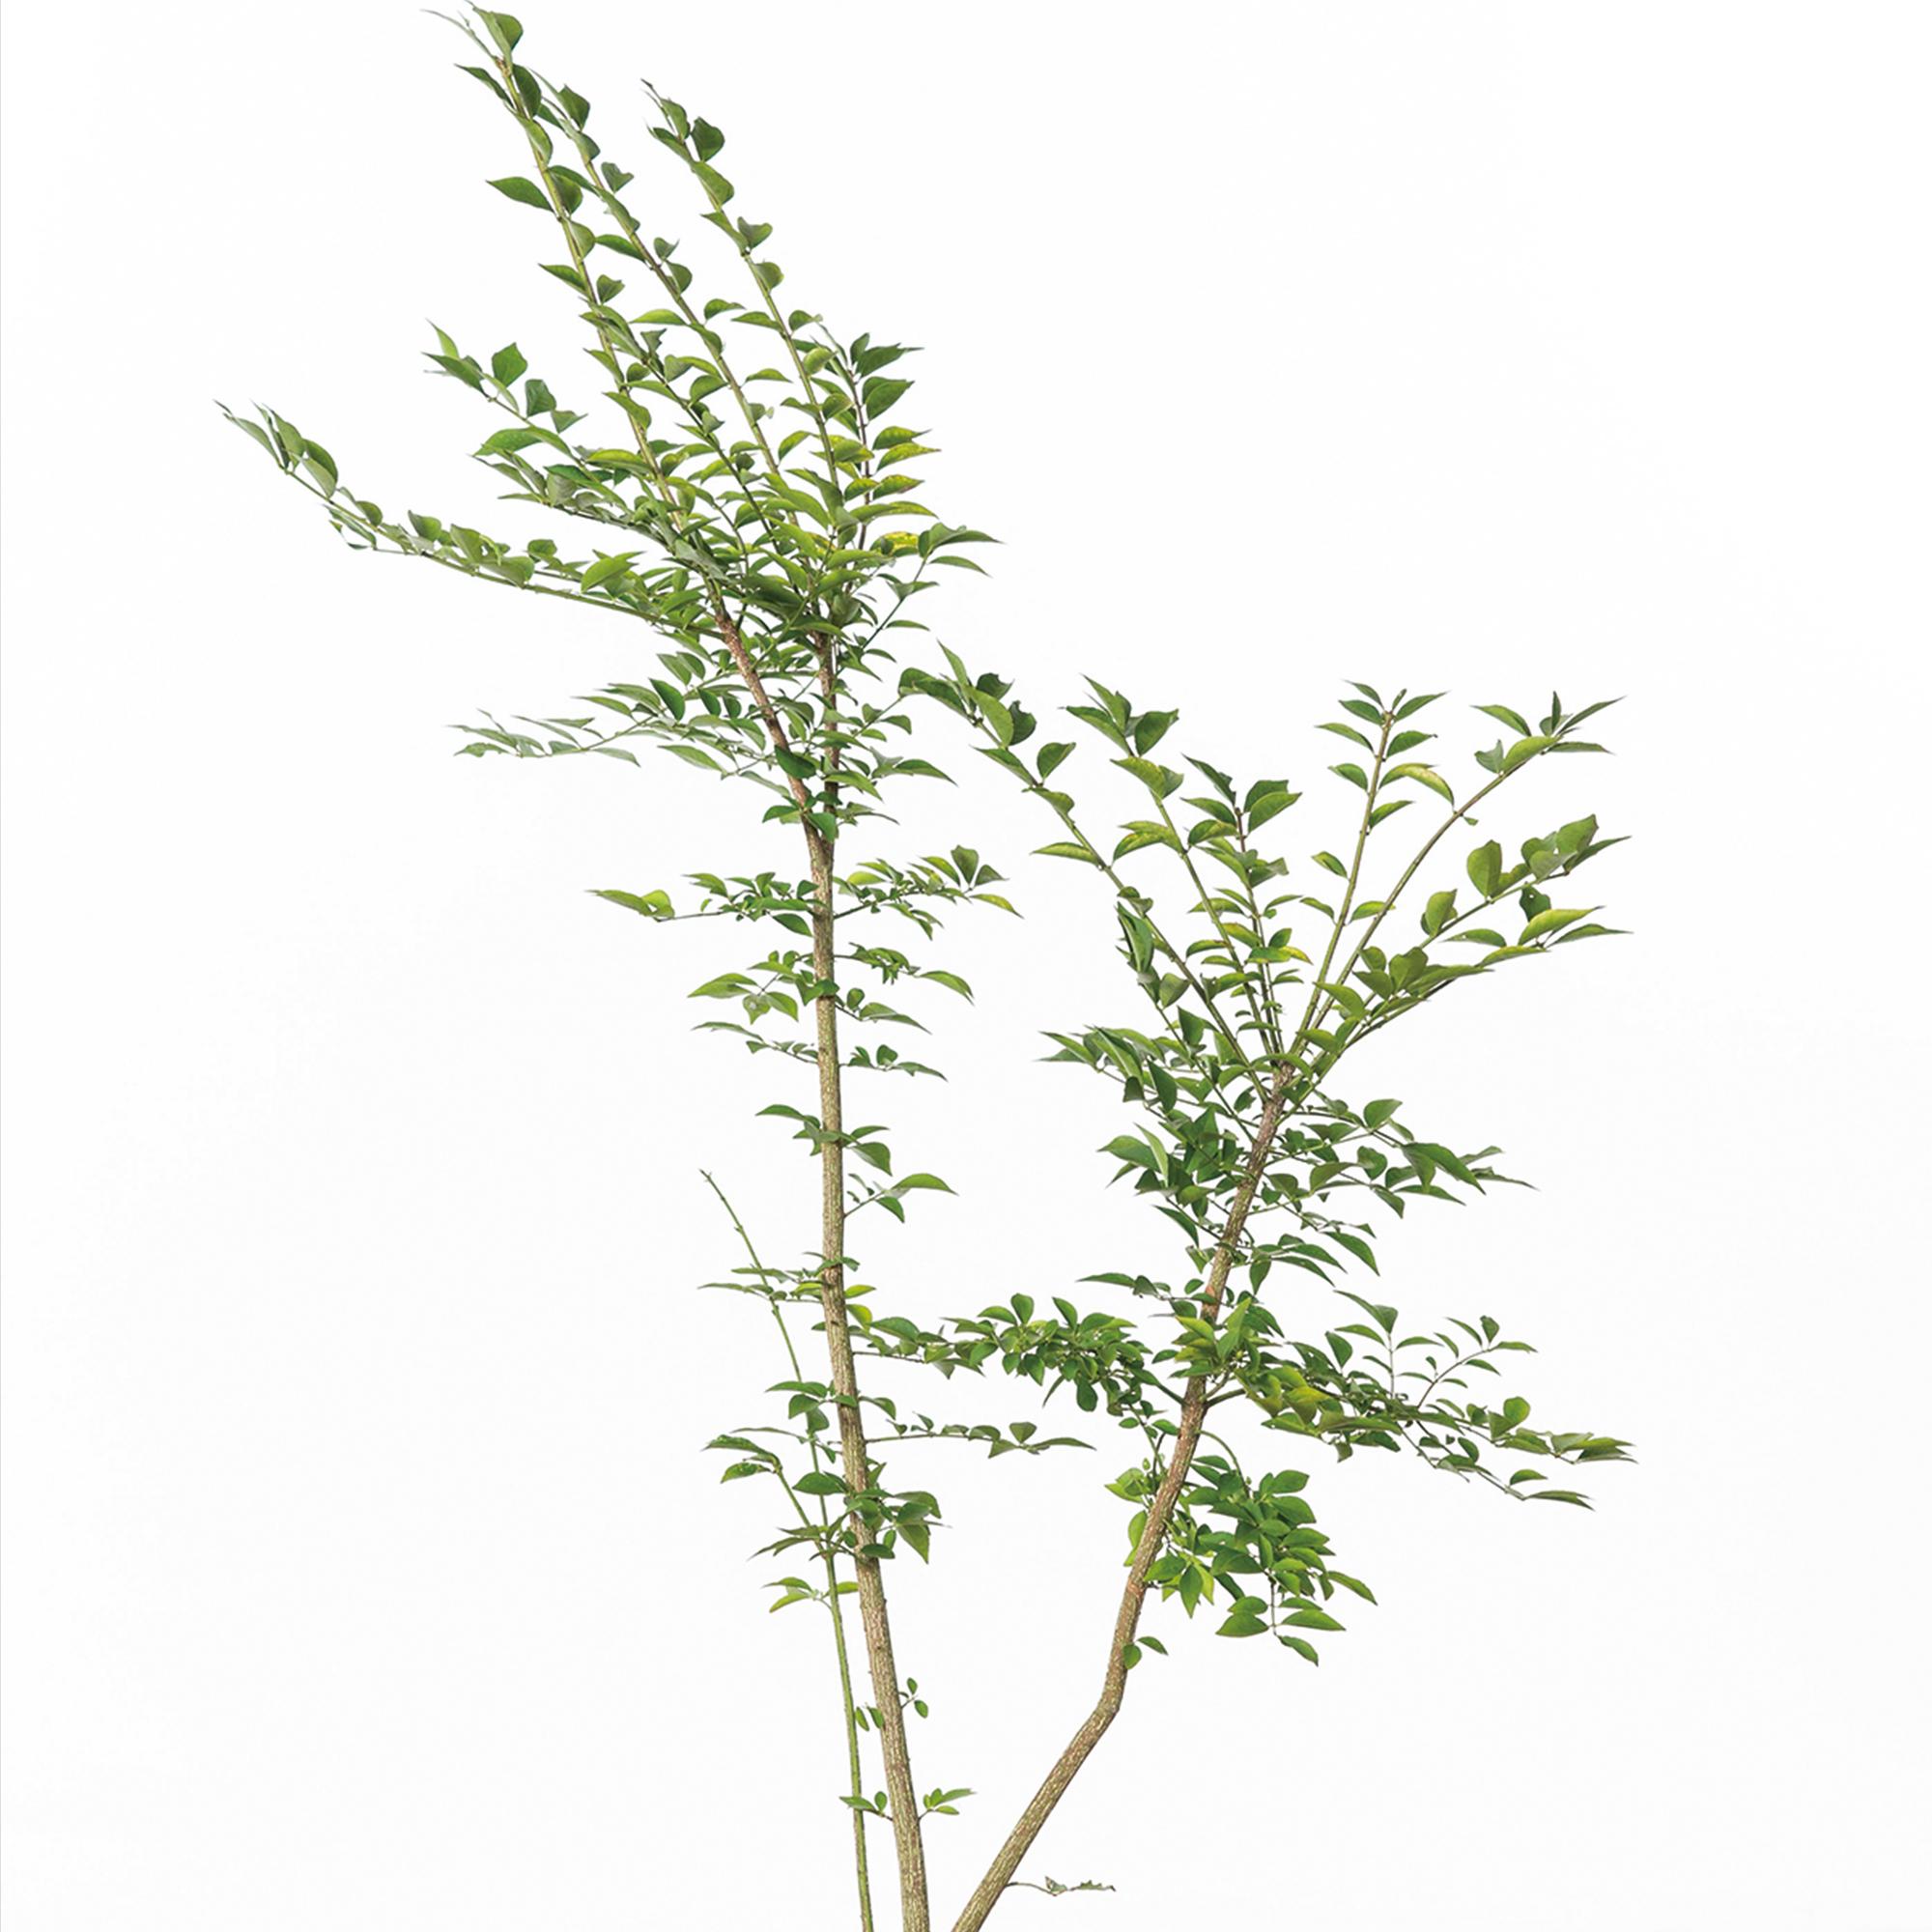 コマユミ(小真弓)植栽 お庭 ガーデン